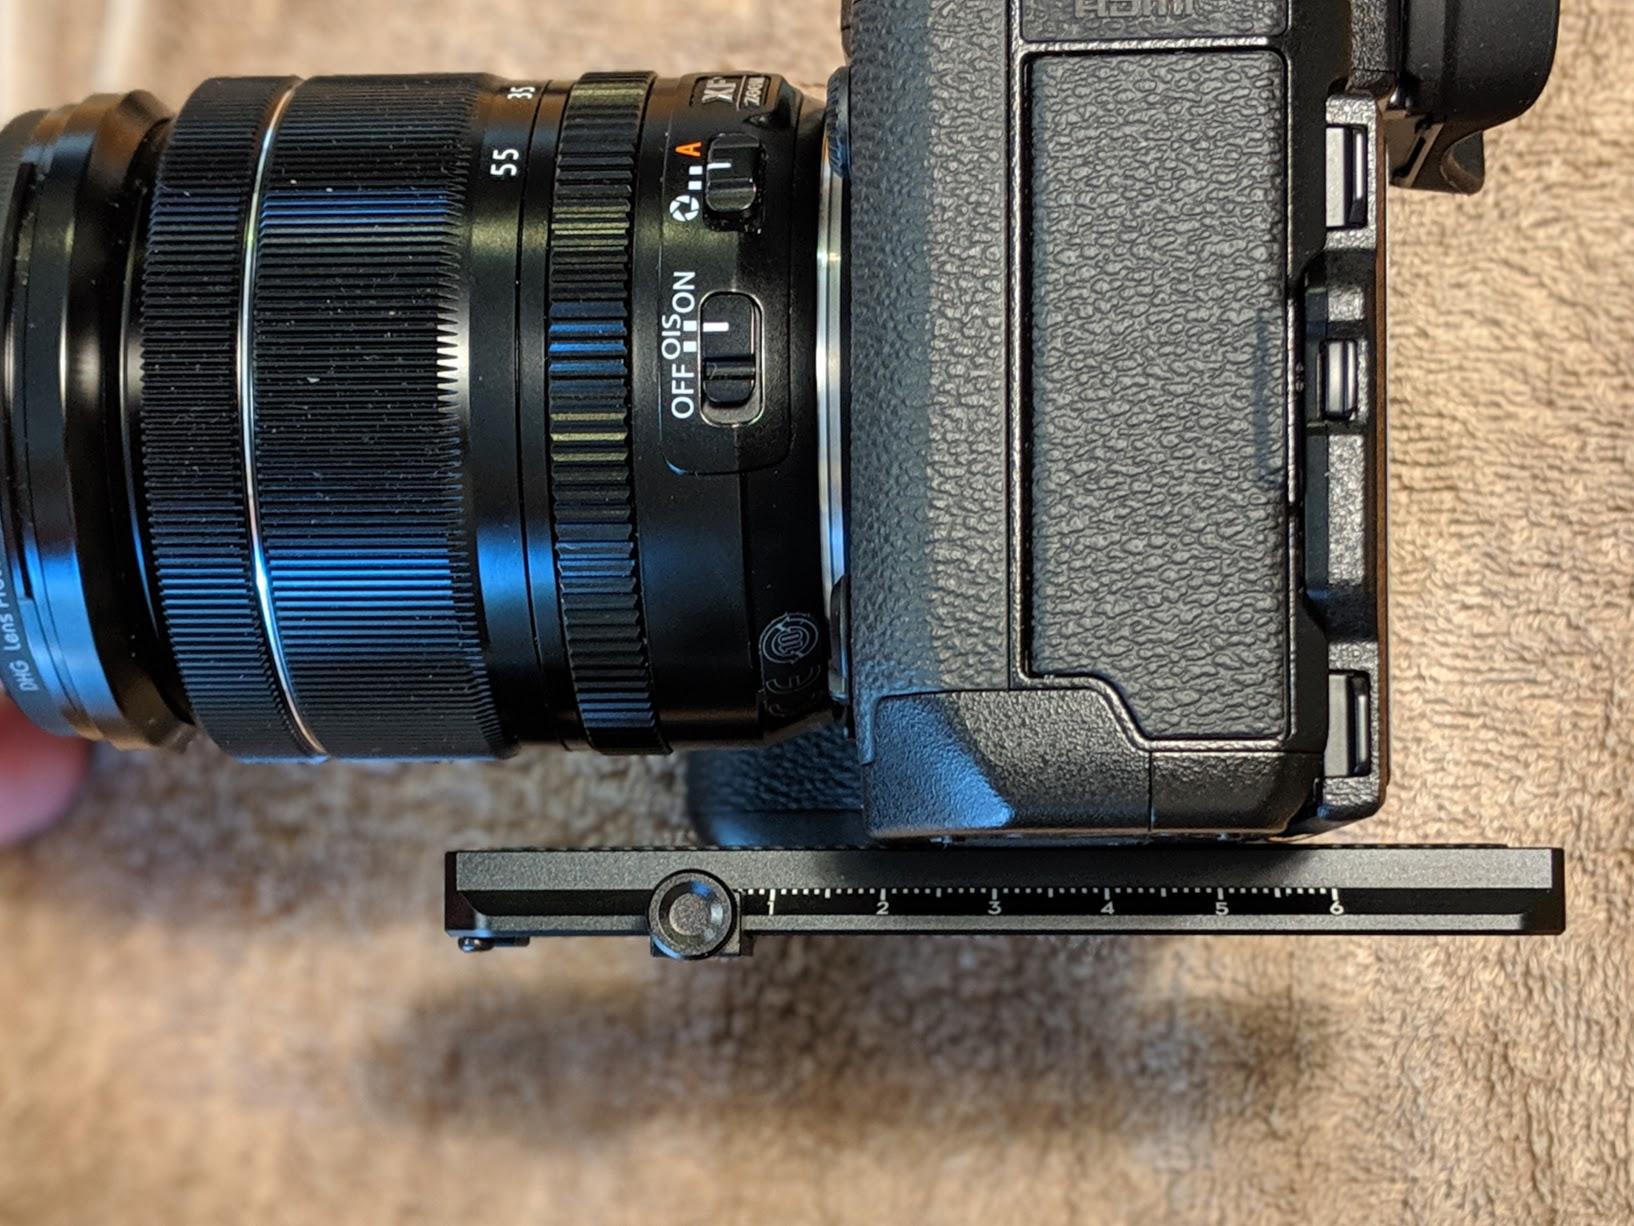 クイックリリースプレート上でのカメラの位置